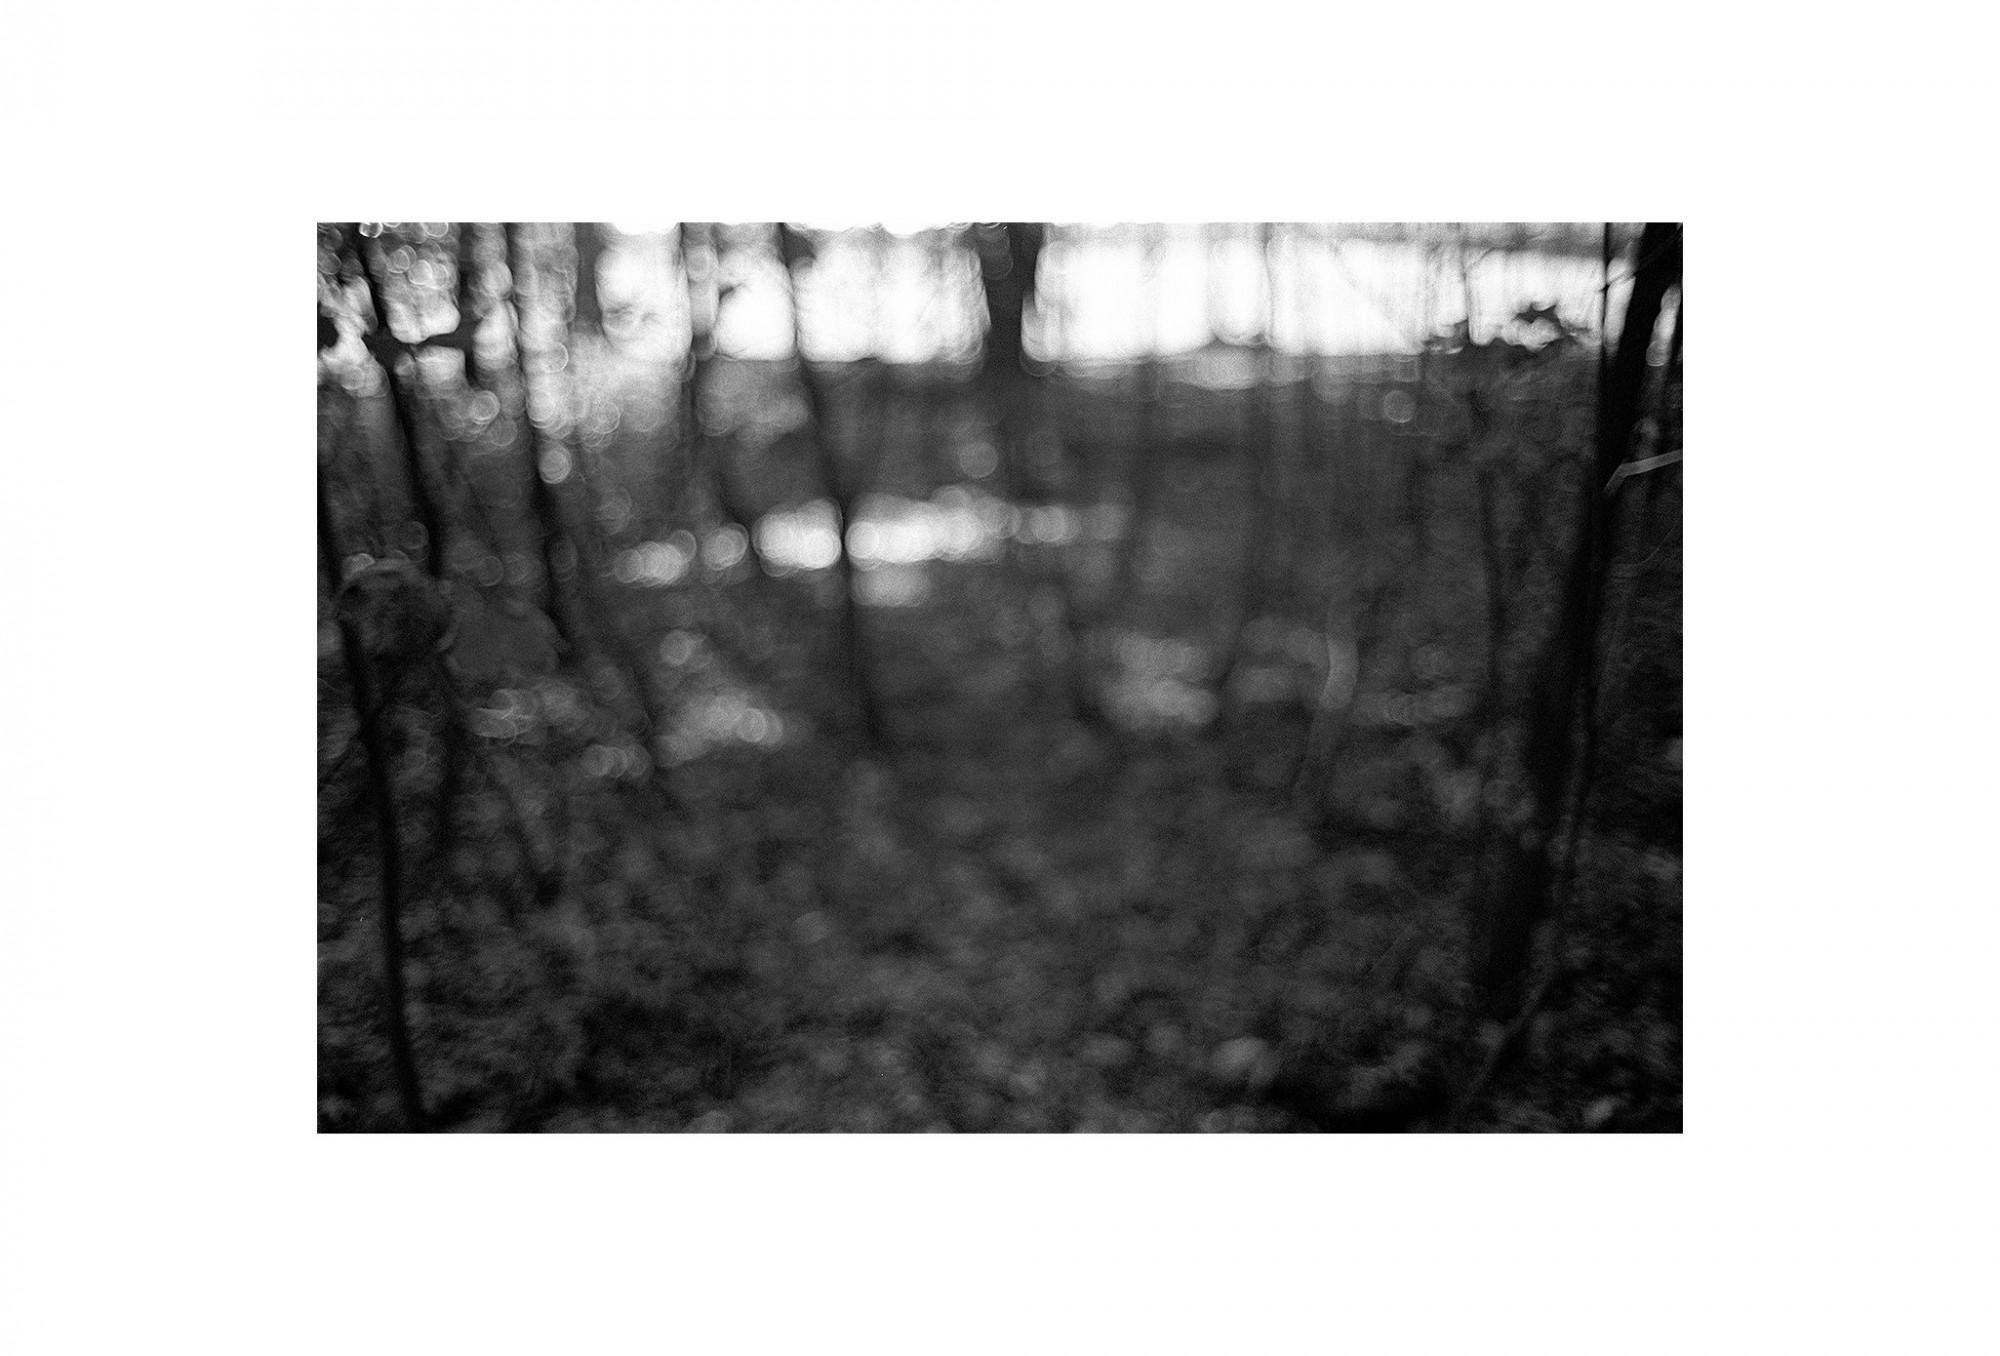 Afbeelding: Uit de reeks: Bomen en het licht daarom heen. - nr. 96-48-13, fotokunst Dominique Van Huffel.